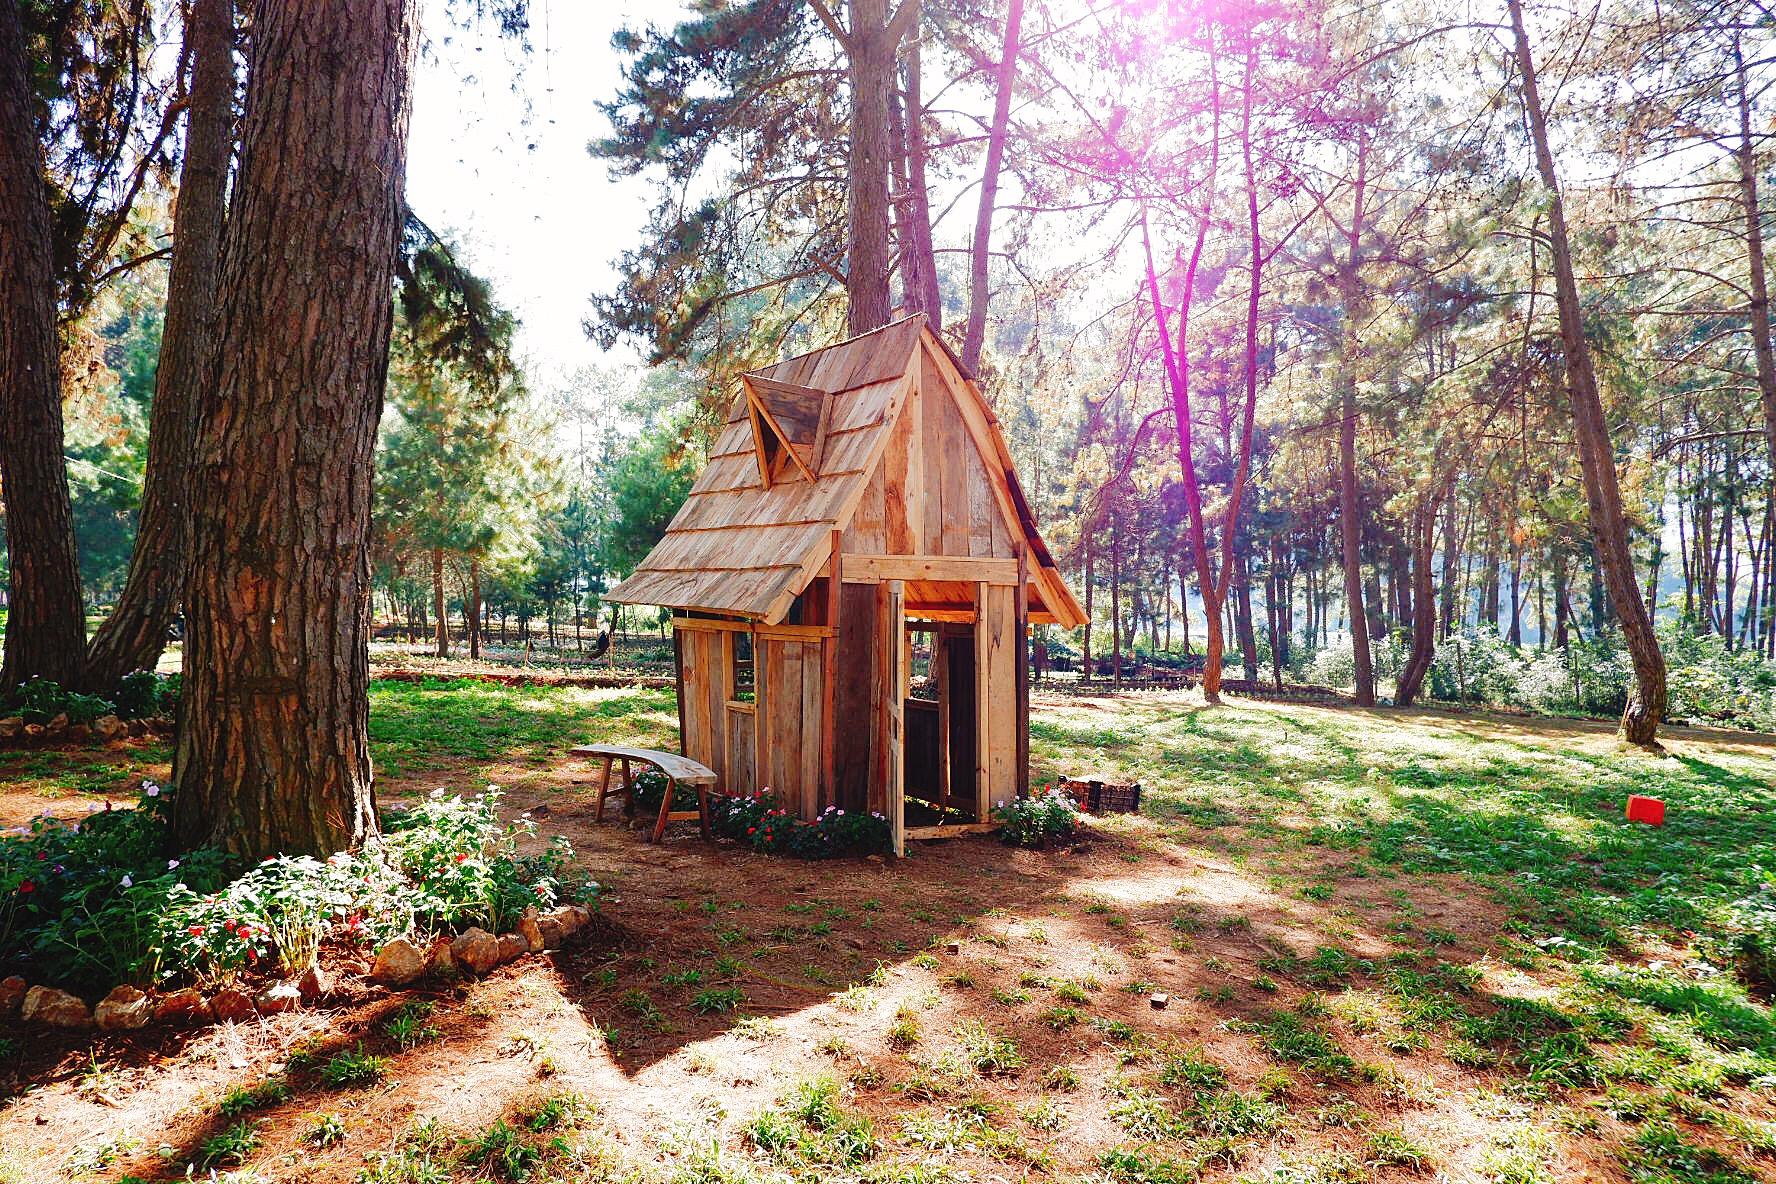 Ngôi nhà gỗ cổ tích giữa rừng thông của Chimi Farm